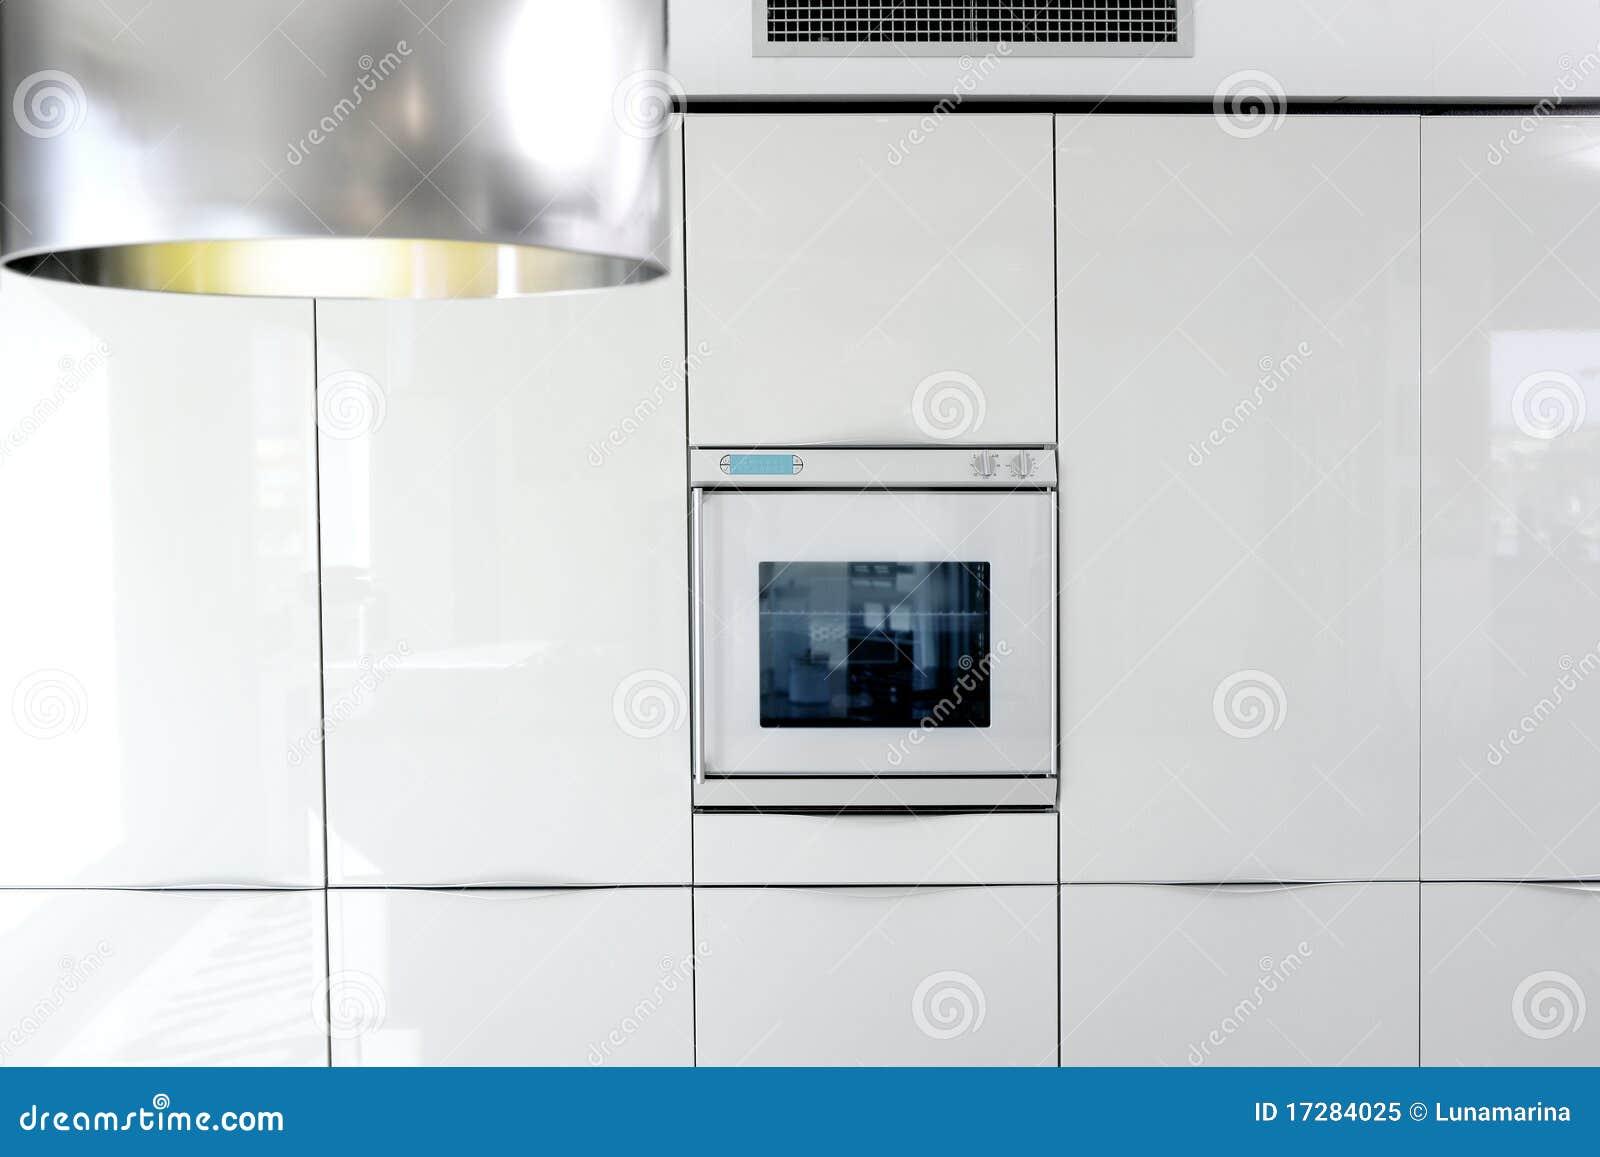 Particolare moderno di architettura del forno bianco della - Cucina particolare ...